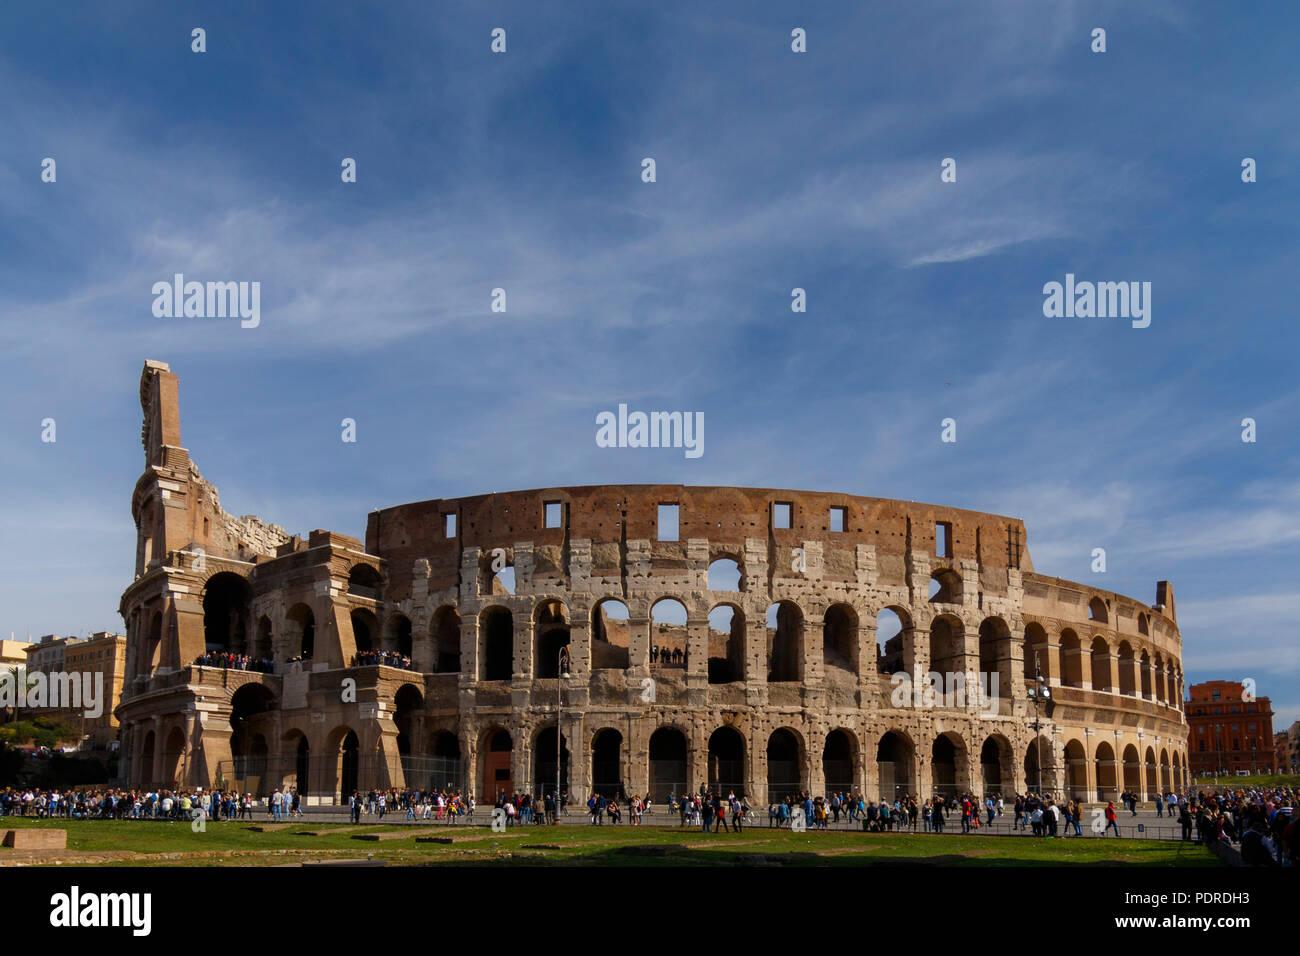 Kolosseum von Rom bei Tageslicht, UNESCO-Weltkulturerbe Rom, Rom, Italien Stockbild